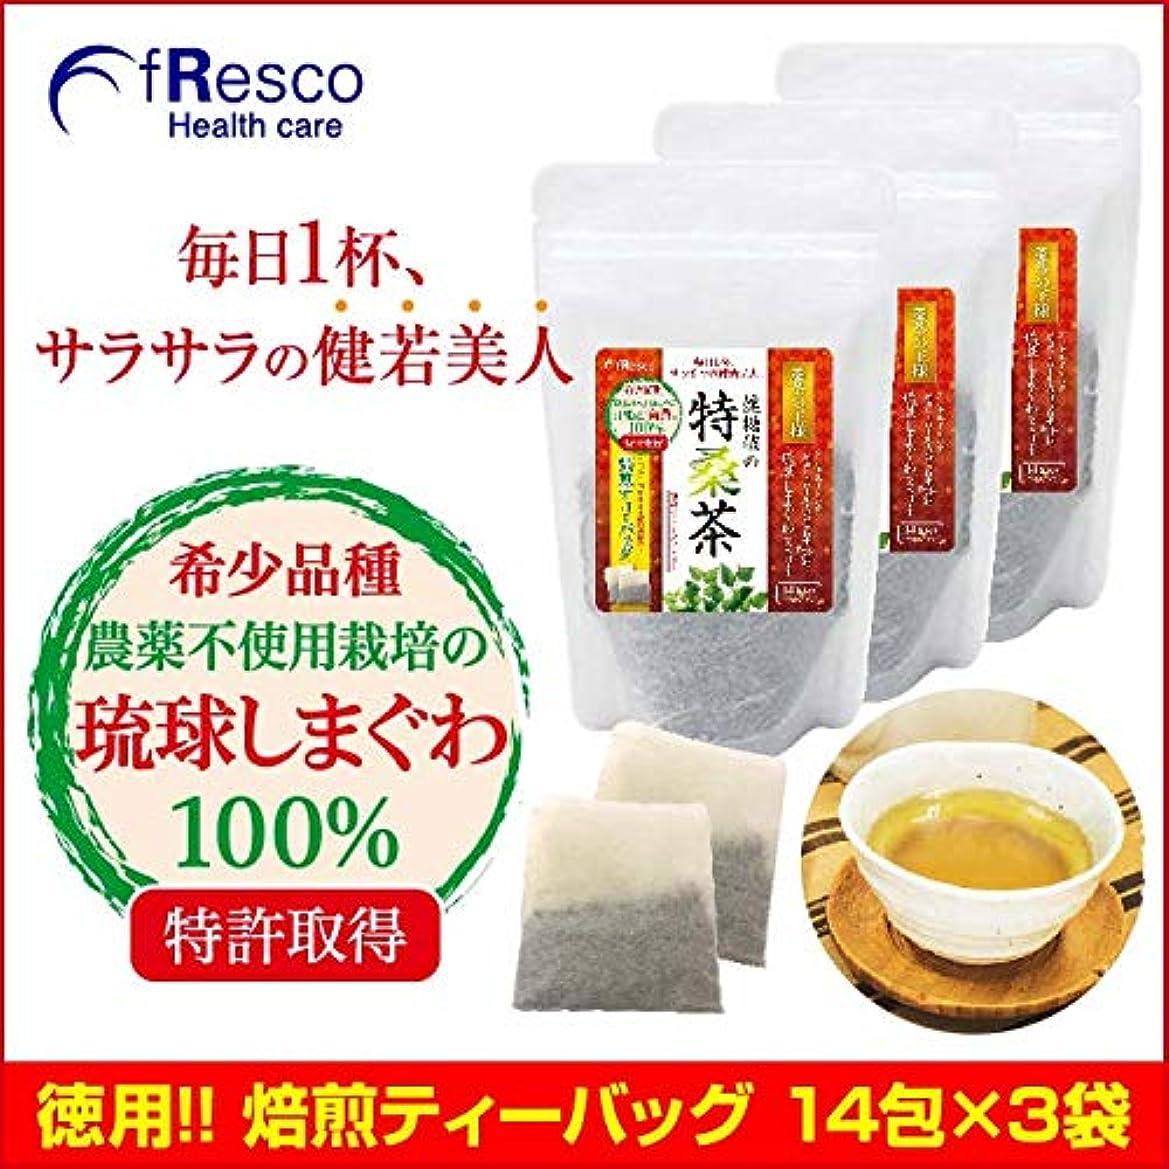 琉球しまぐわ 健糖値の特桑茶 焙煎ティーバック 90日分(3個セット)